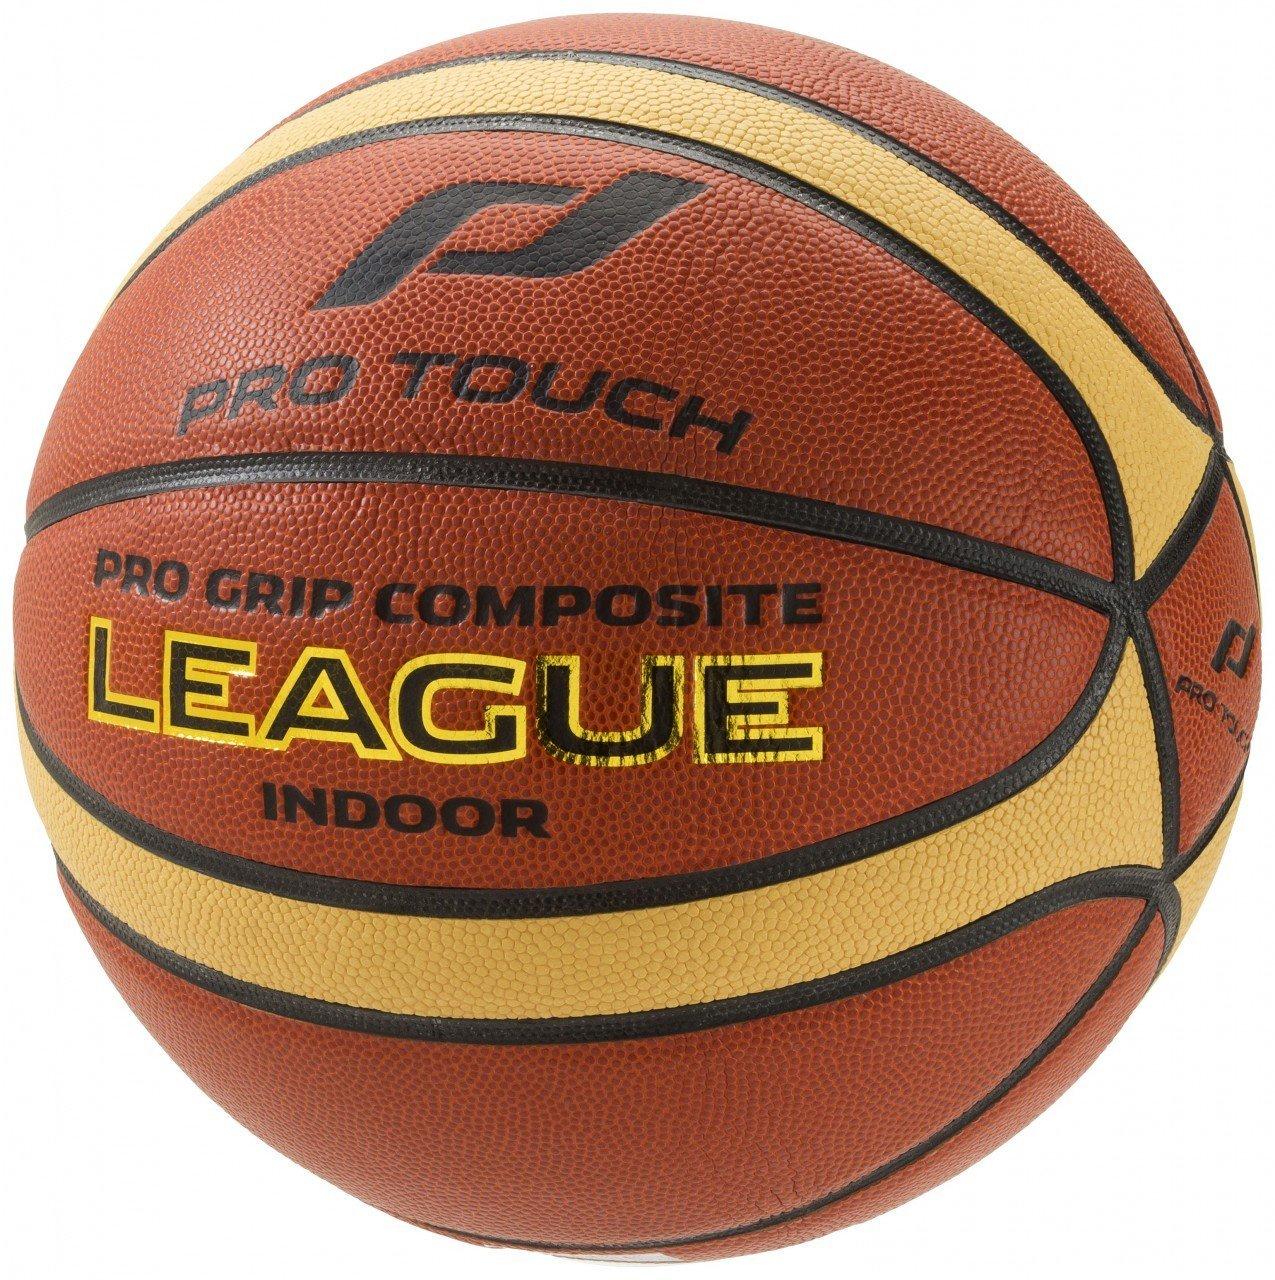 pro-touch-pro-grip-composite-league-indoor